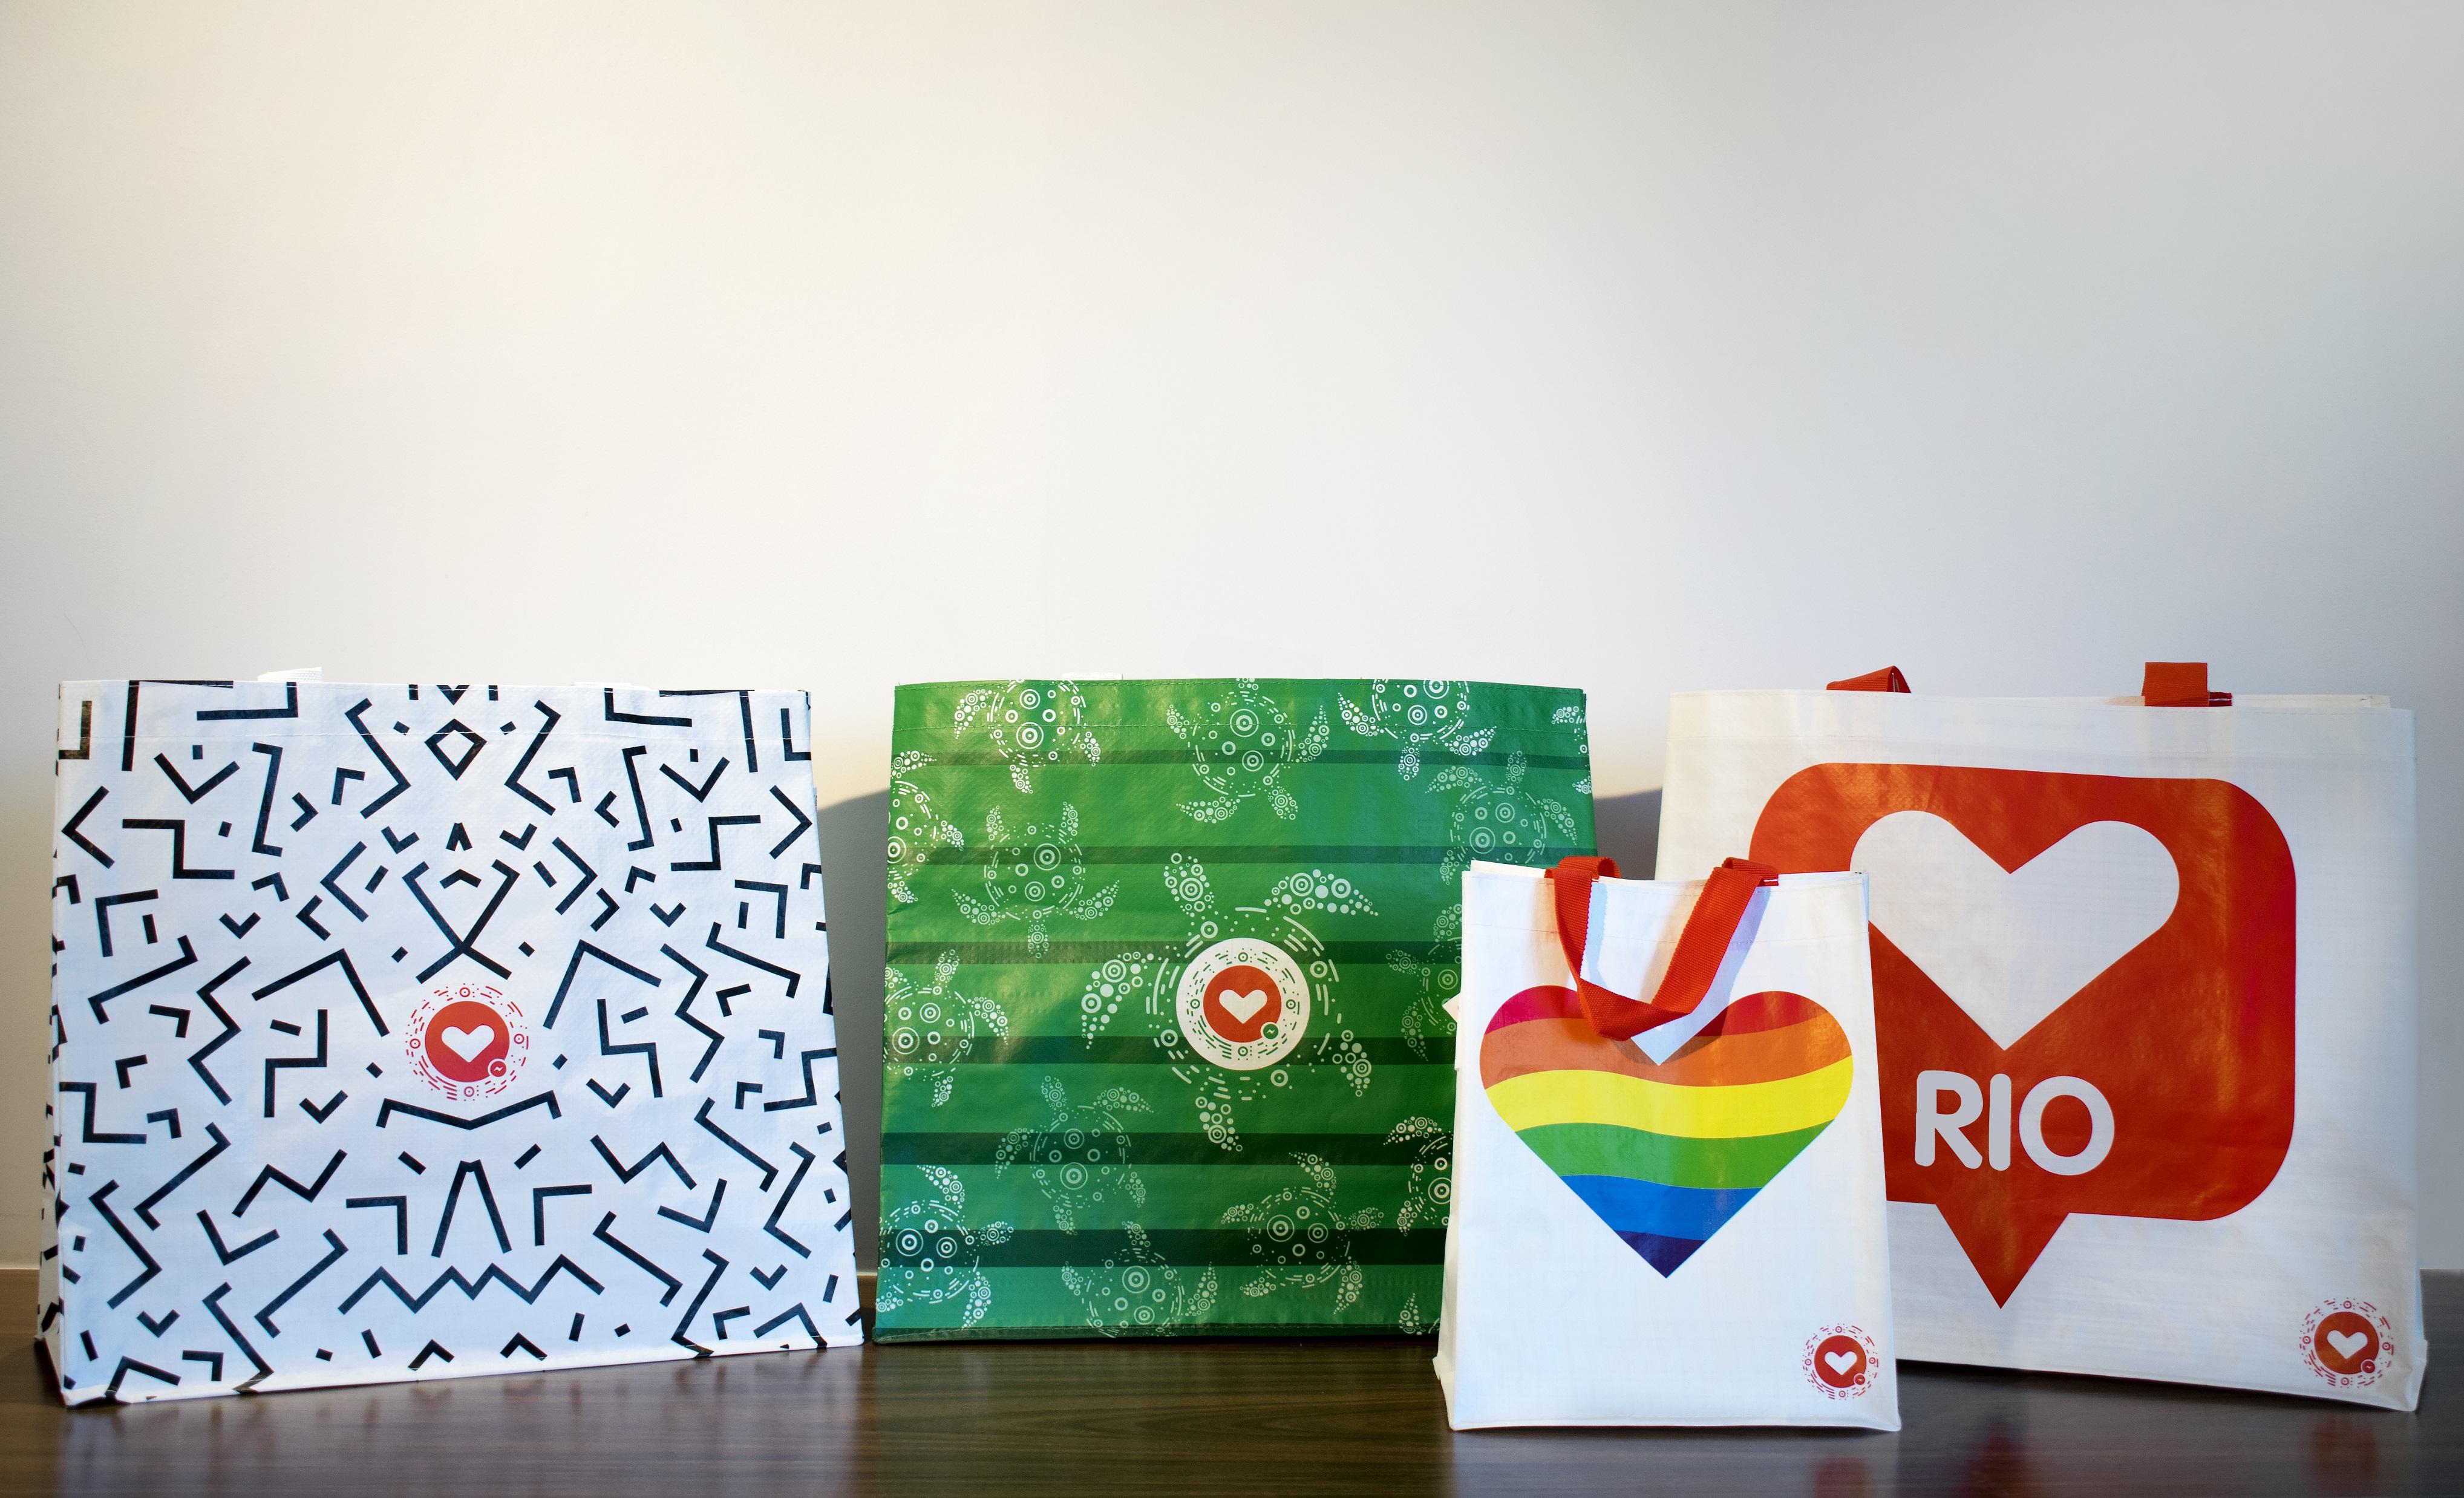 Na imagem há quatro bolsas. Da esquerda para a direita: bolsa branca com estampas de linhas pretas, bolsa verde com estampas de tartarugas, bolsa branca com um coração colorido com as cores do arco-íris e outra bolsa branca com um coração e o texto Rio